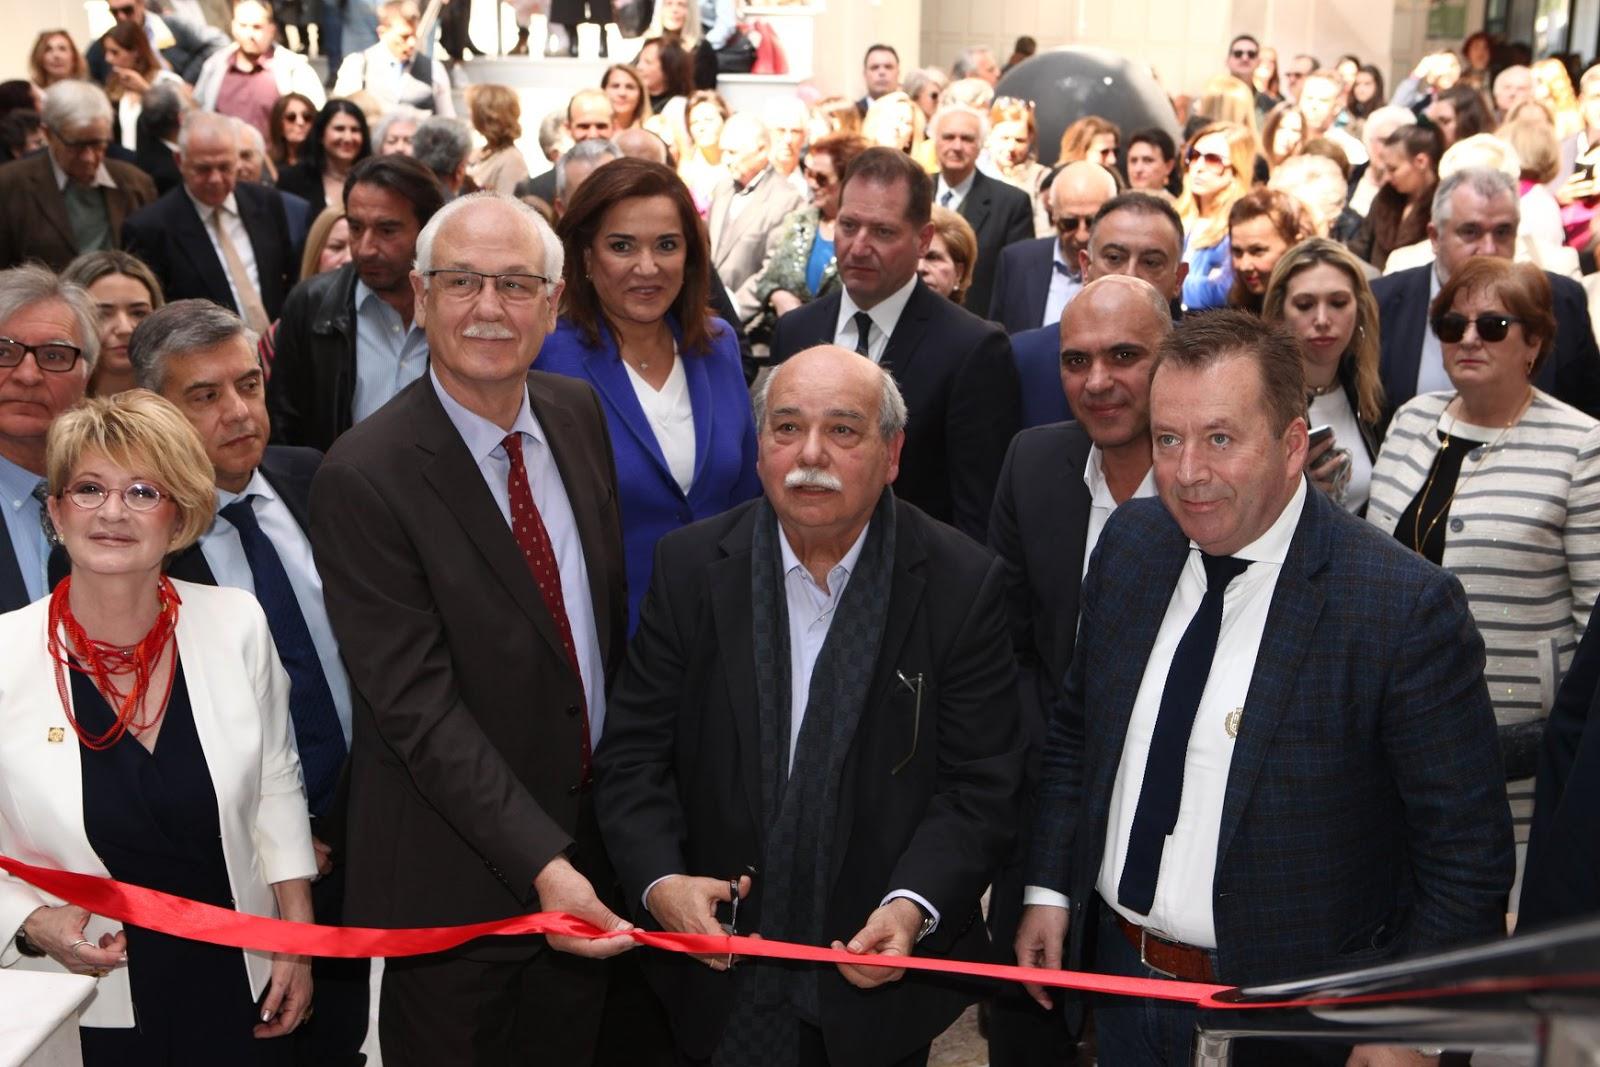 Ο πρόεδρος της Βουλής Νίκος Βούτσης εγκαινίασε τη Μόνιμη Συλλογή Μουσείου Κατσίγρα (ΦΩΤΟ)